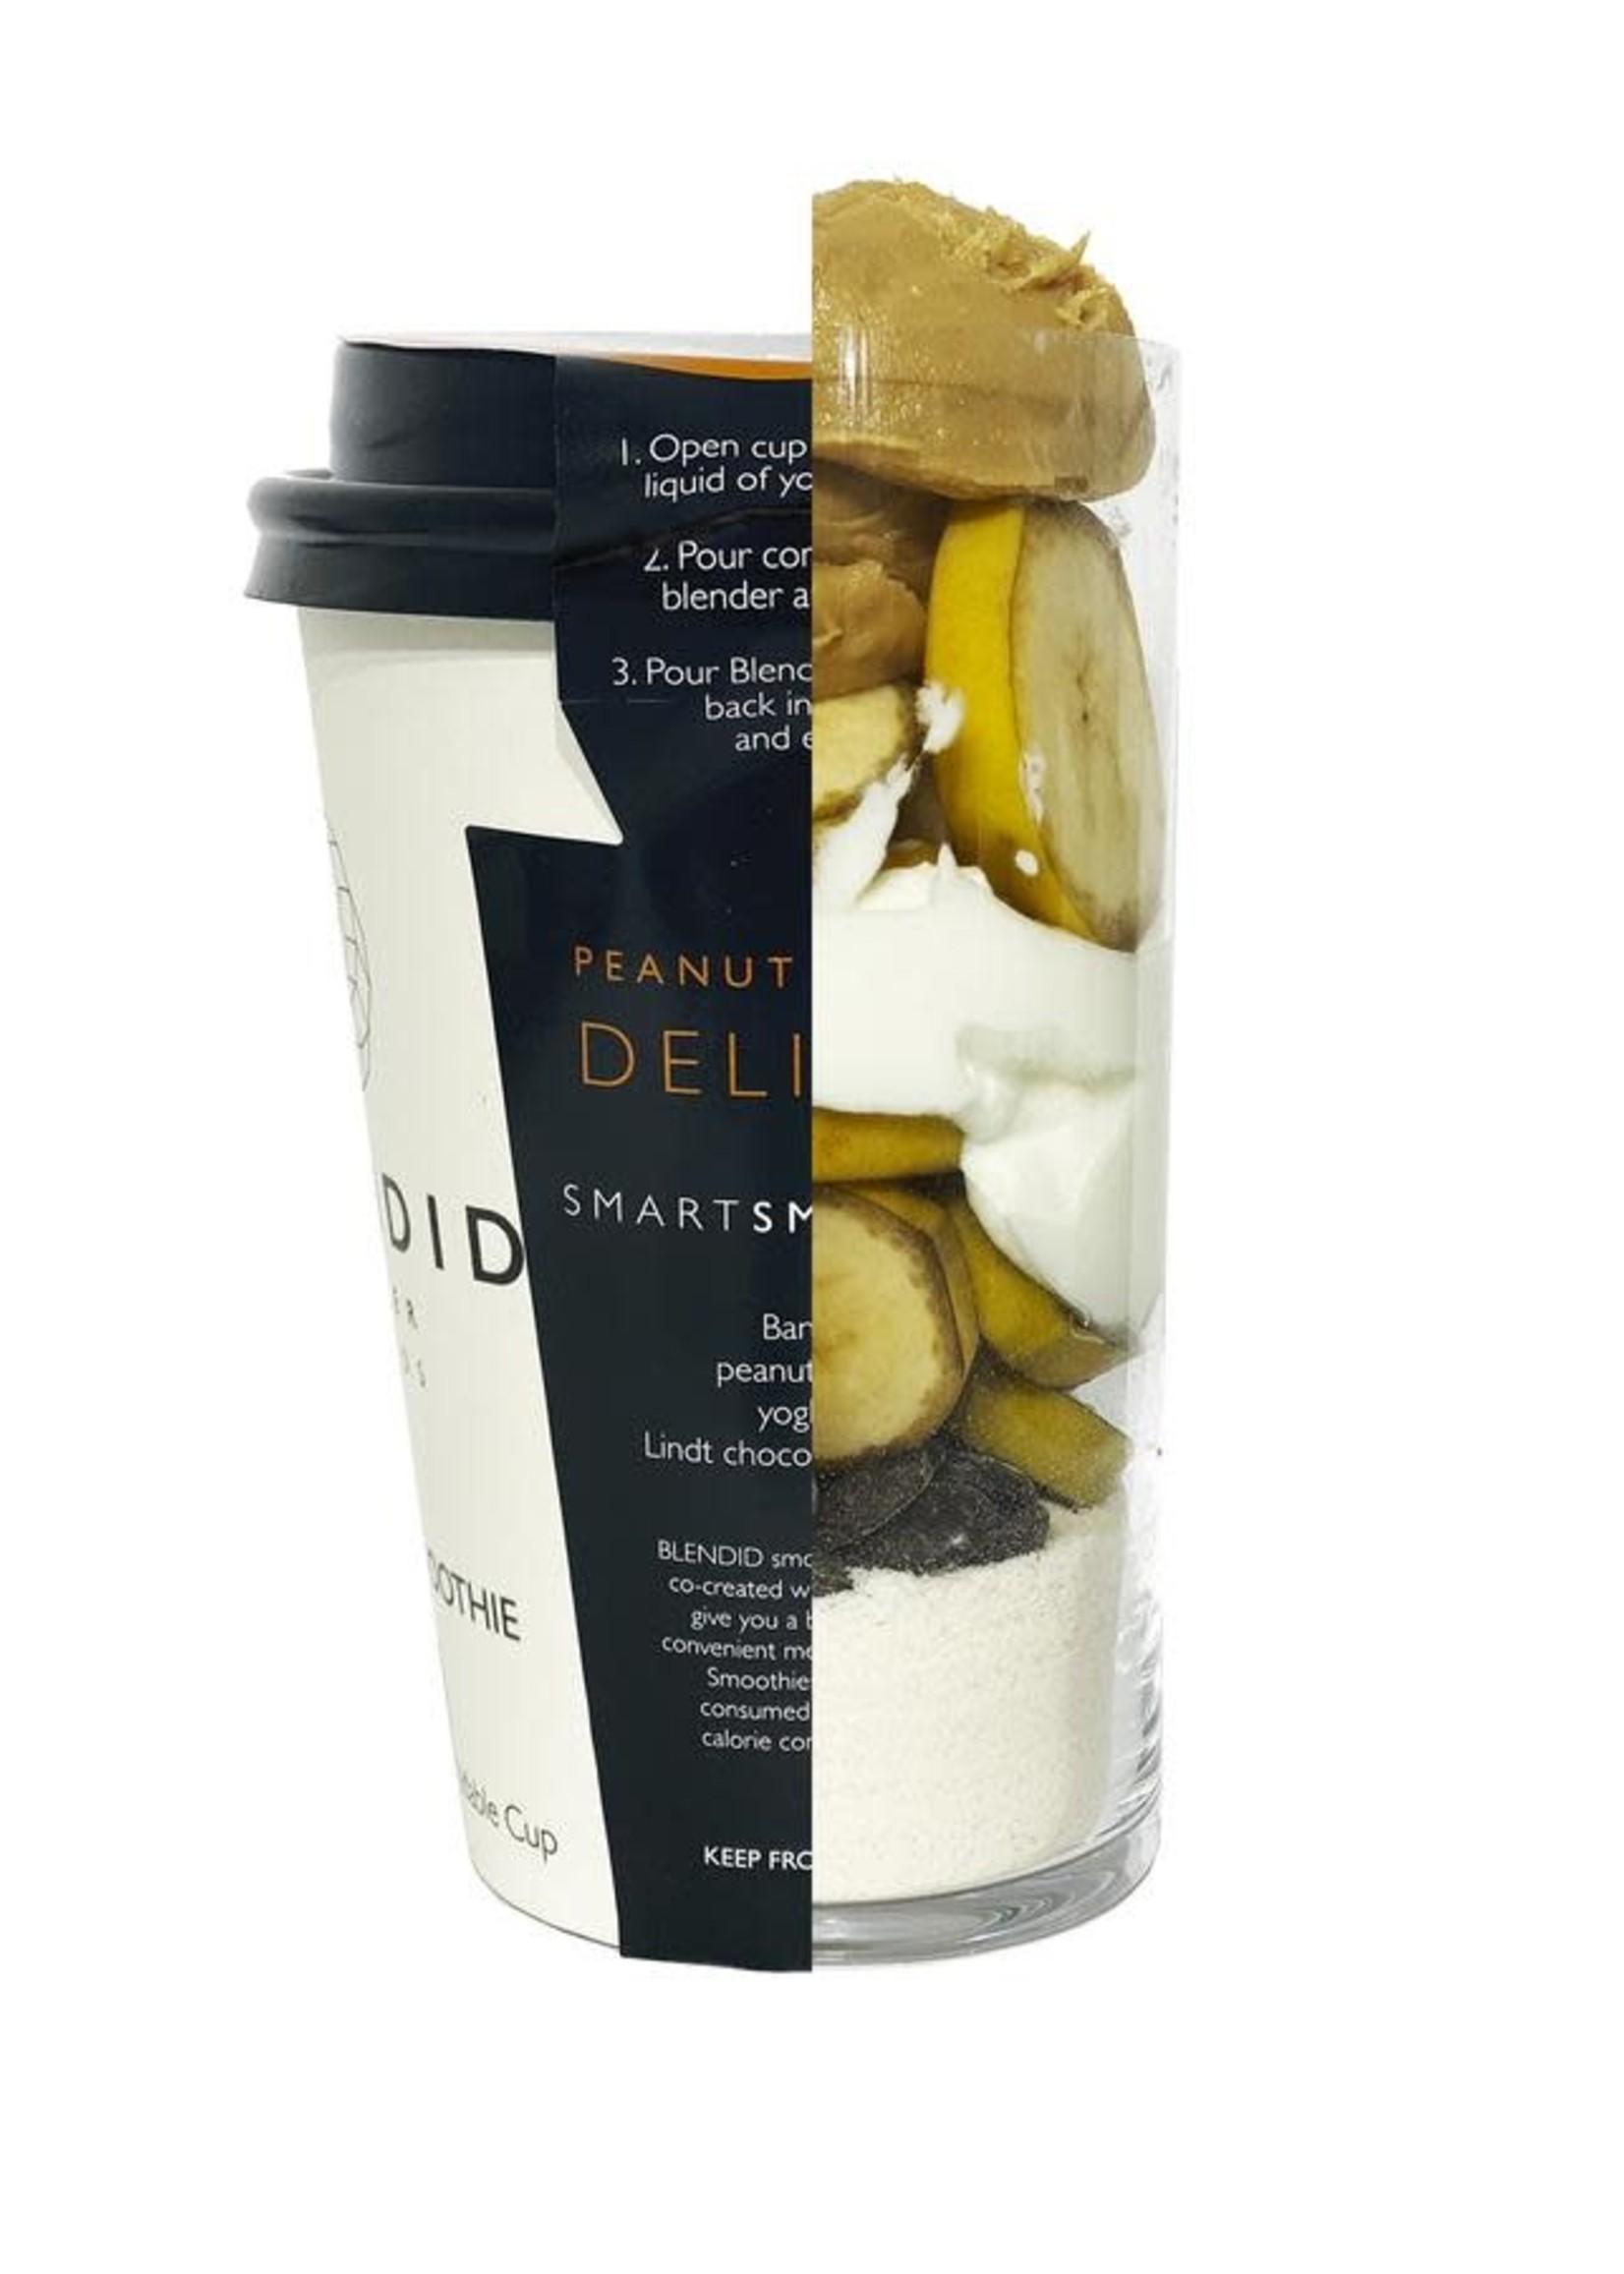 Blendid Blendid - Peanut Butter delight